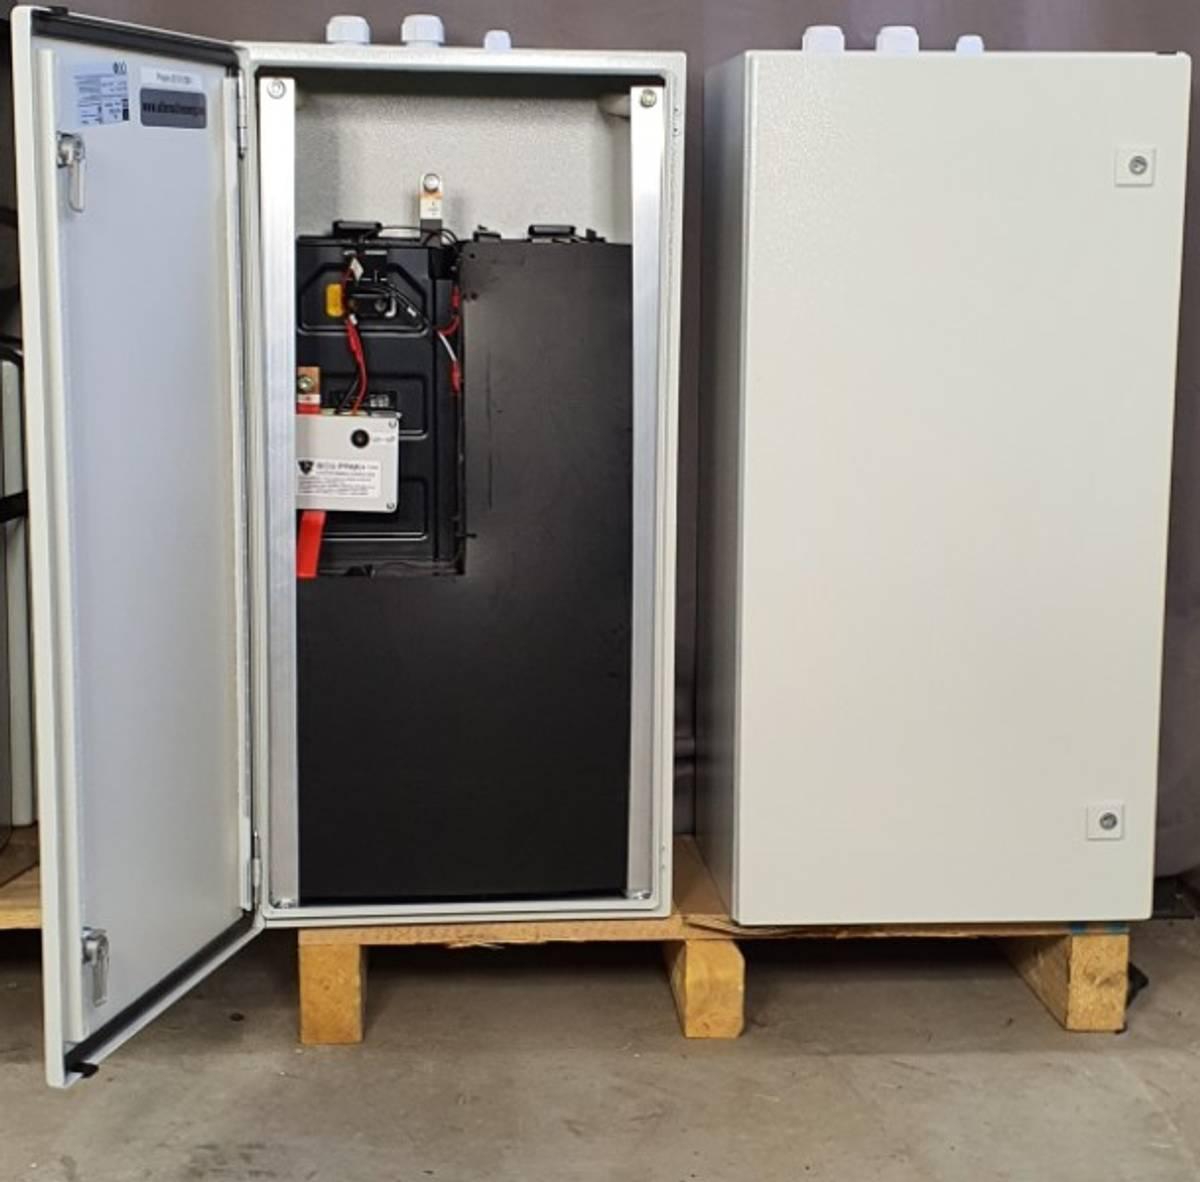 Komplett Kraftpakke 48V-7,5kWh LITIUM batteri - 3000W Inverter